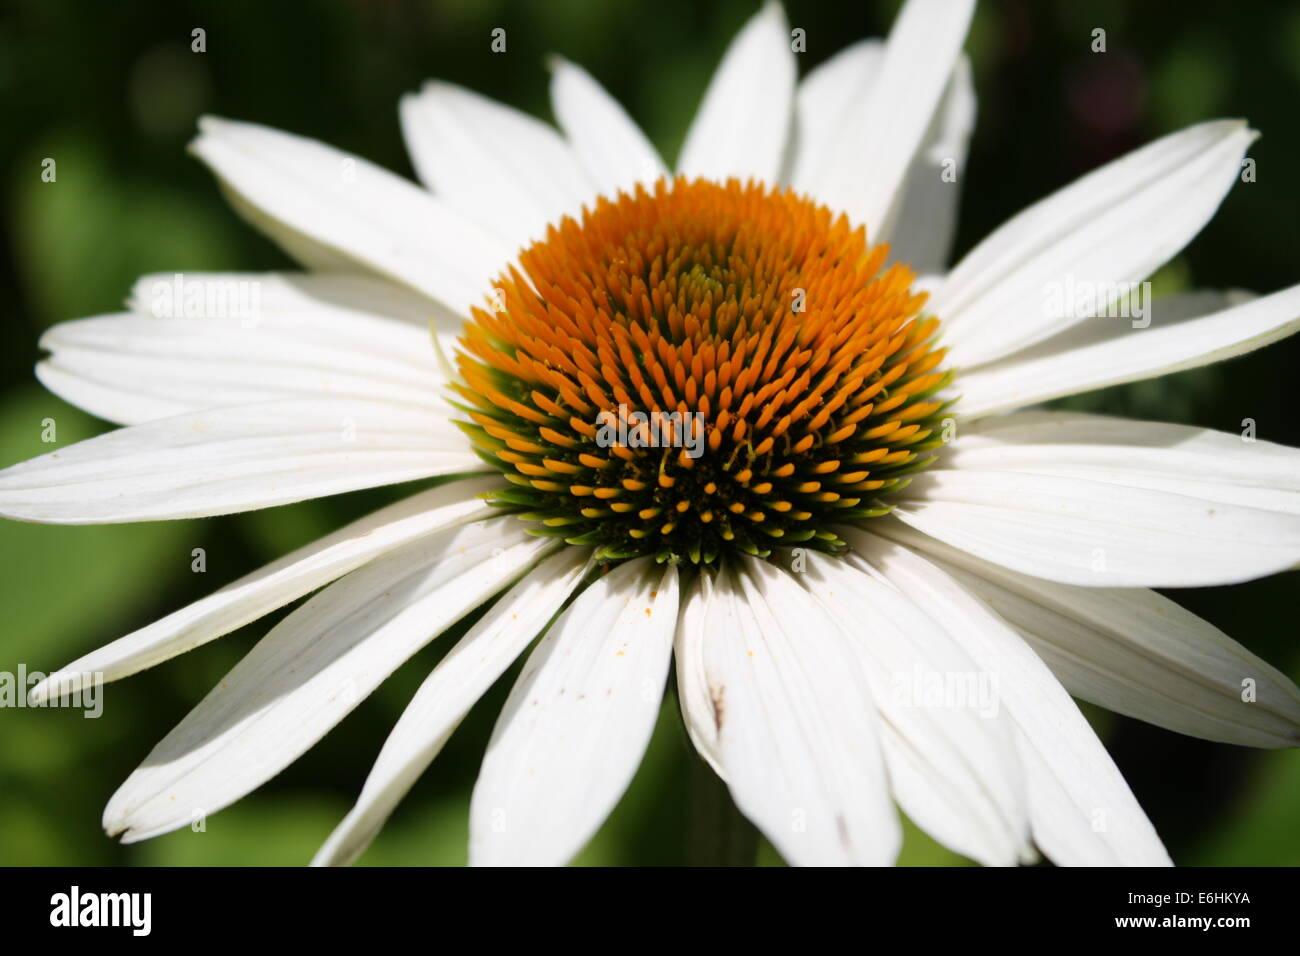 Fall Perennials, White Daisy - Stock Image